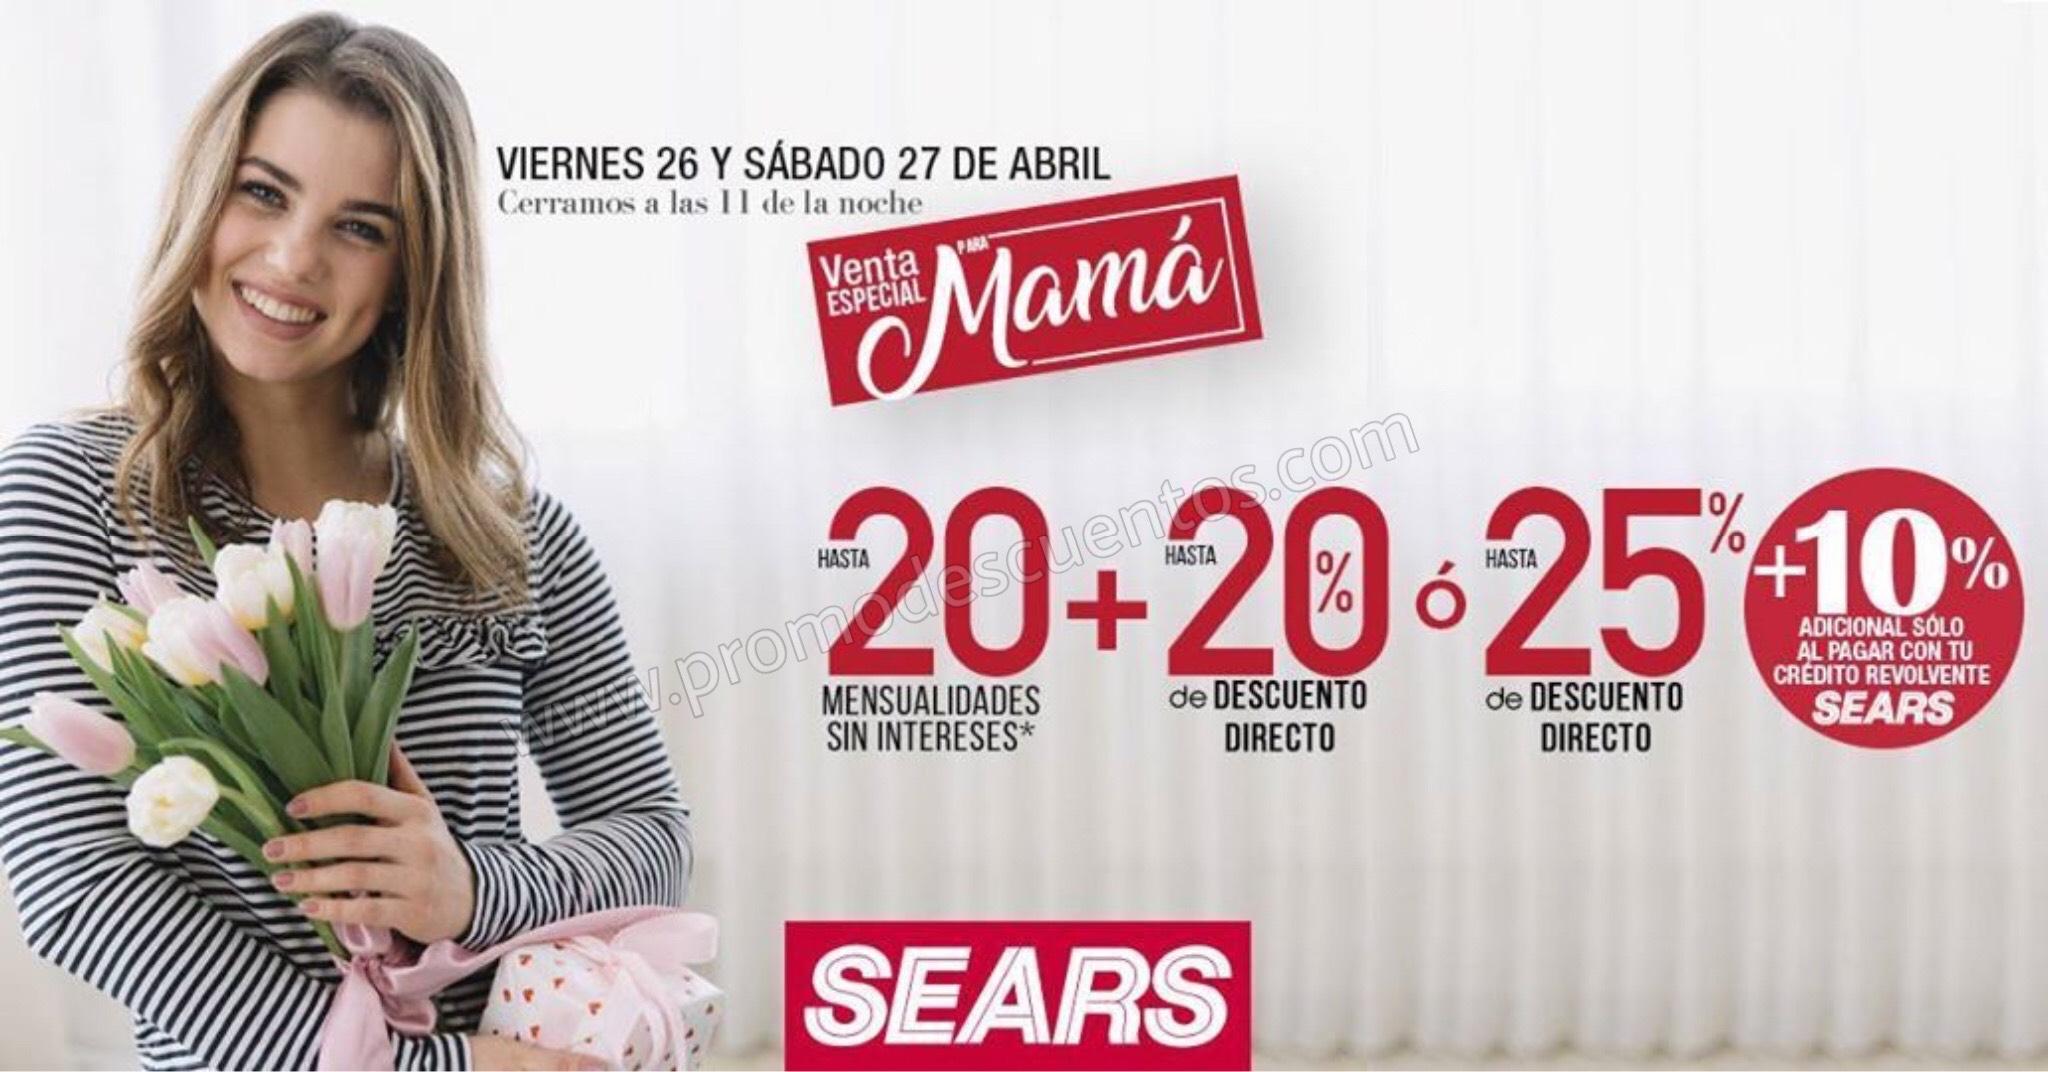 Sears: Venta Especial de Mamá del 26 al 27 de Abril 2019